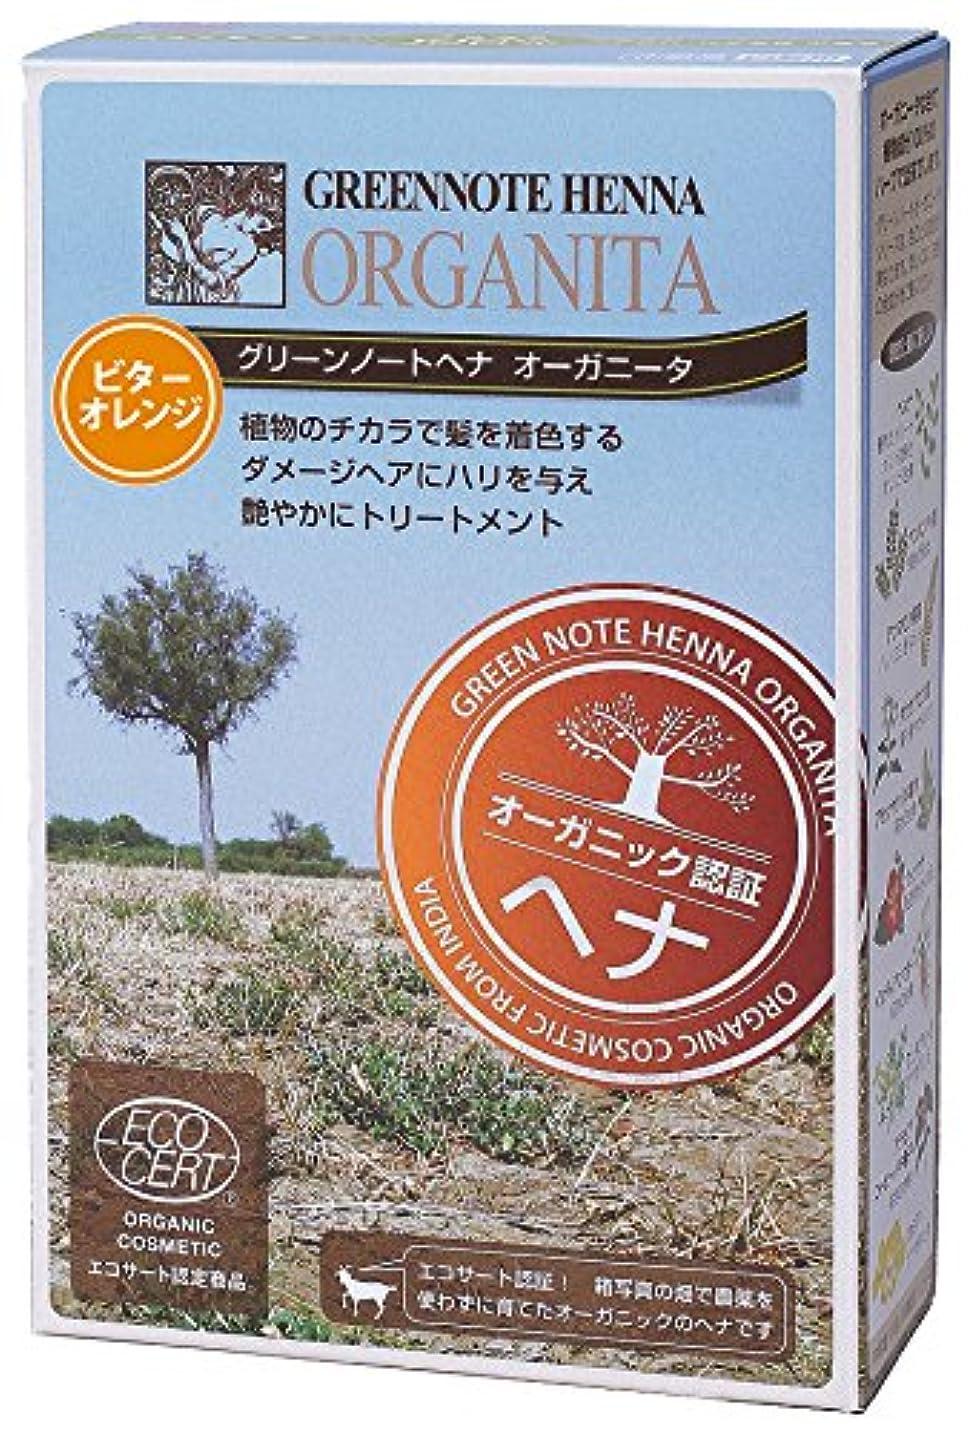 過言資格情報コジオスコグリーンノートヘナ オーガニータ ビターオレンジ 100g